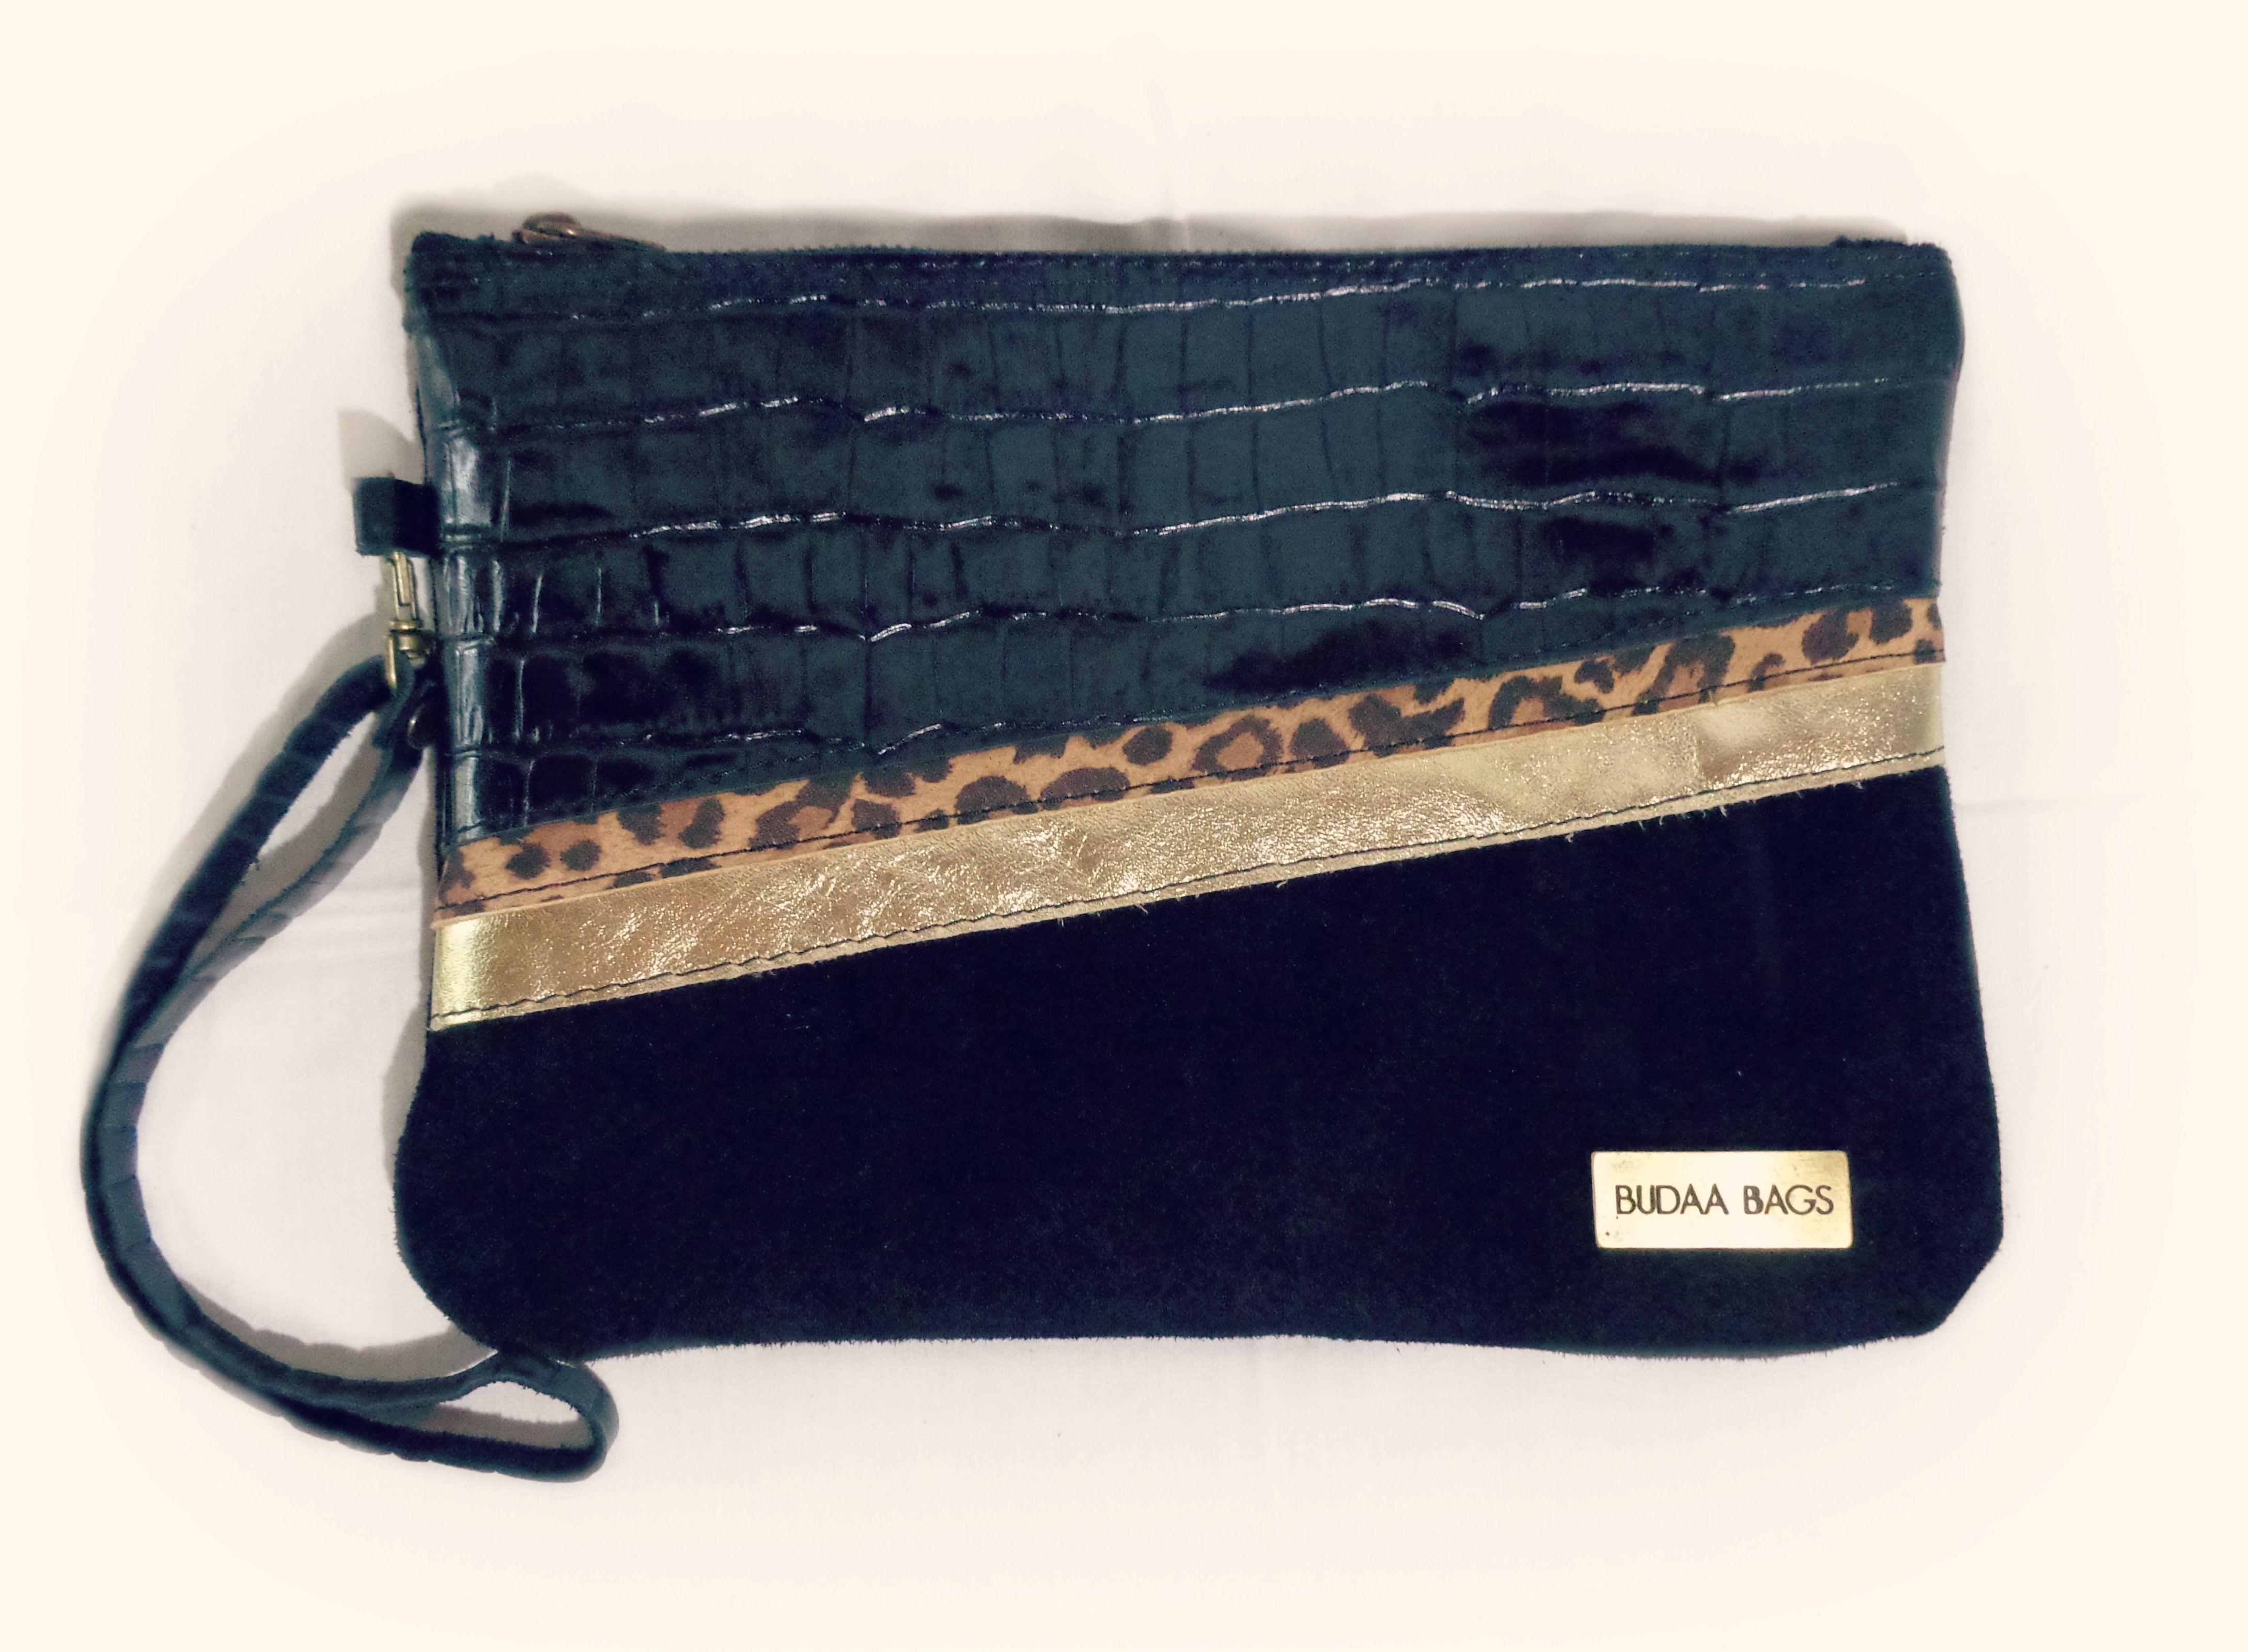 Sobre Luli, 3 combinaciones de cueros.  100% Cuero y Cuero gamuzado.   www,facebook.com/budaabags   #fashion #moda #leather #collection #aw2015 #winter #handbags #bags #leather #budaabags #suelaynegro #cuero #like #love #megusta